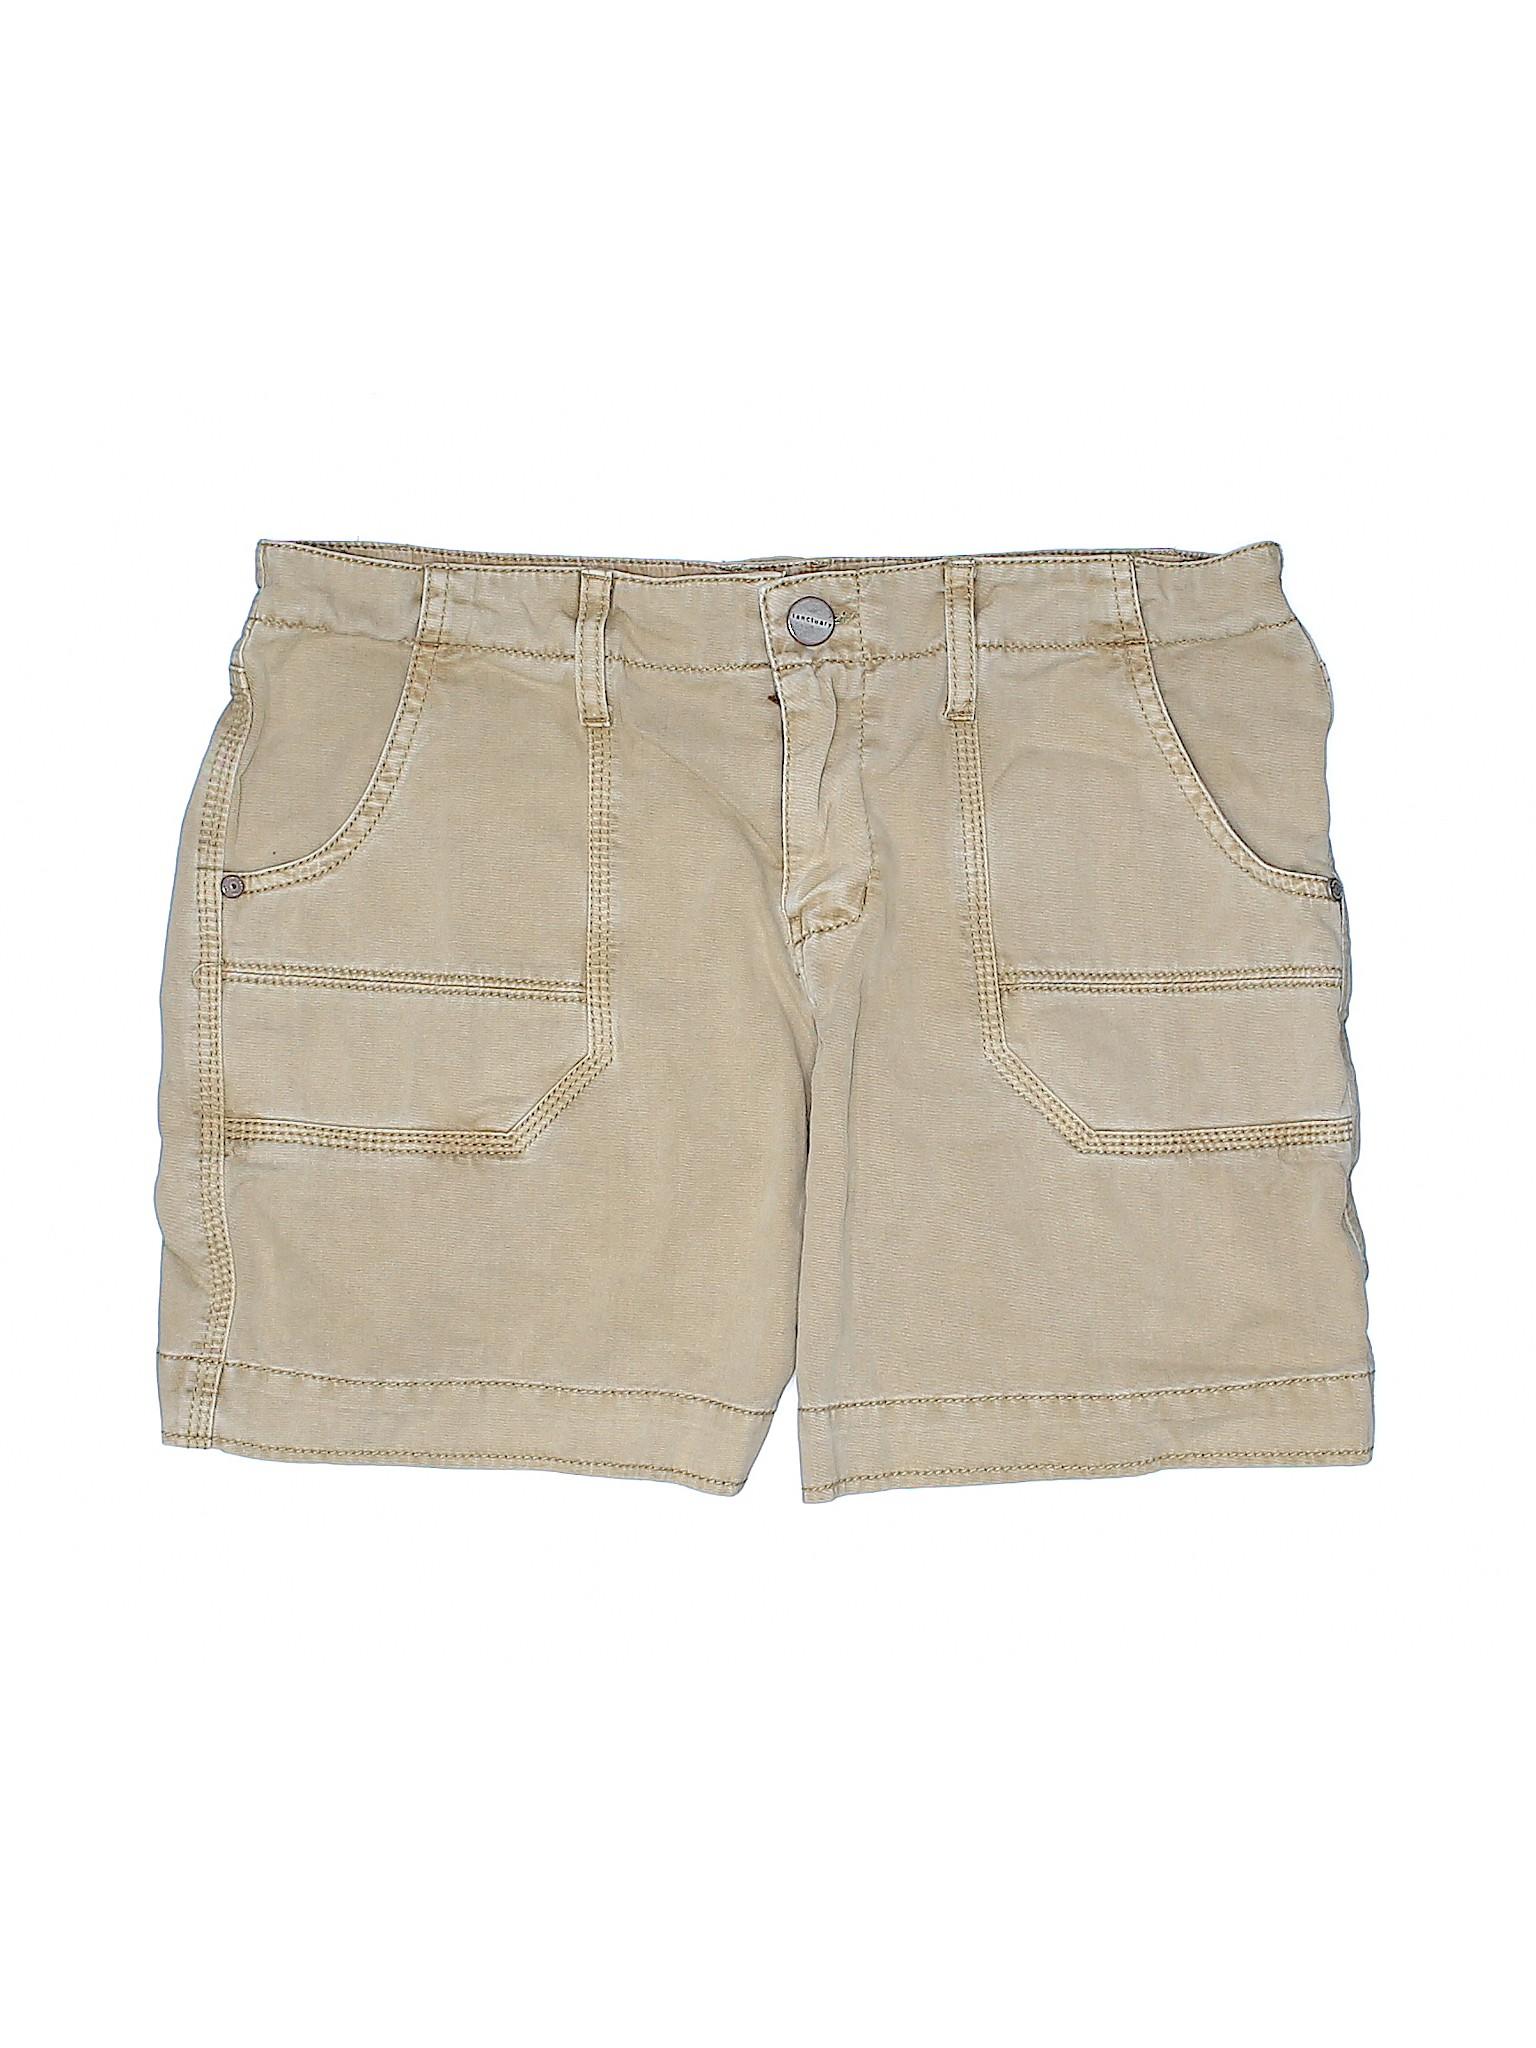 Denim Boutique Boutique Shorts Denim Sanctuary Shorts Boutique Sanctuary ZFnqwpT